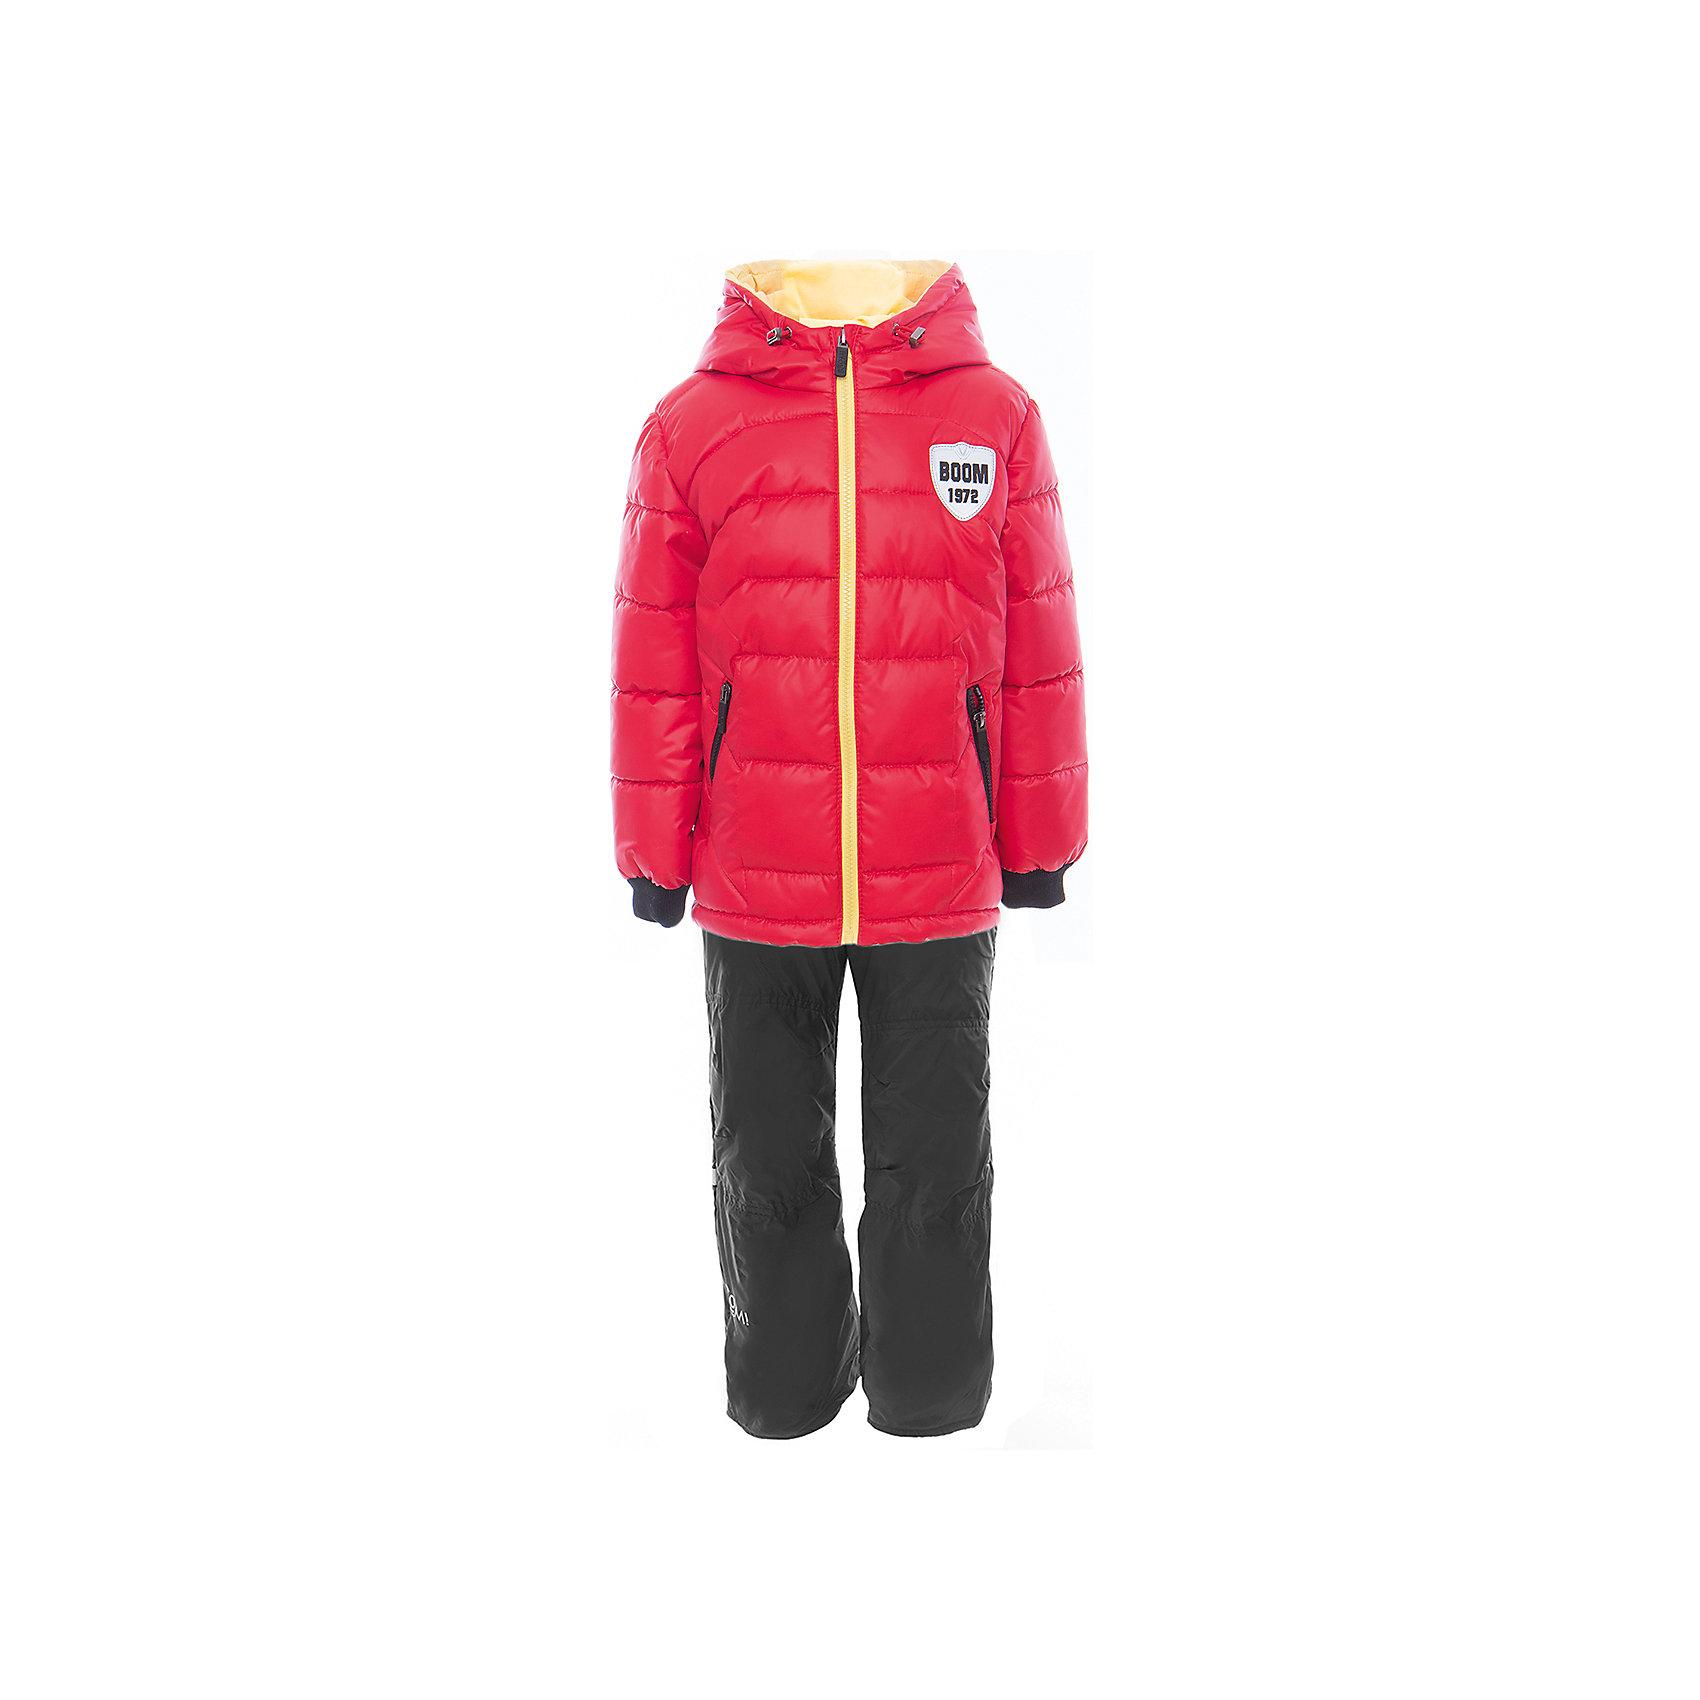 Комплект для мальчика BOOM by OrbyВерхняя одежда<br>Характеристики товара:<br><br>• цвет: красный<br>• состав: <br>курточка: верх - таффета, болонь, подкладка - поликоттон, полиэстер, утеплитель: Flexy Fiber 150 г/м2<br>брюки: подкладка - флис<br>• комплектация: куртка, брюки<br>• температурный режим: от -5 С° до +10 С° <br>• карманы<br>• застежка - молния<br>• куртка декорирована вышивкой<br>• эластичные манжеты<br>• комфортная посадка<br>• страна производства: Российская Федерация<br>• страна бренда: Российская Федерация<br>• коллекция: весна-лето 2017<br><br>Такой комплект - универсальный вариант для межсезонья с постоянно меняющейся погодой. Эта модель - модная и удобная одновременно! Изделие отличается стильным ярким дизайном. Куртка и брюки хорошо сидят по фигуре, отлично сочетается с различной обувью. Модель была разработана специально для детей.<br><br>Одежда от российского бренда BOOM by Orby уже завоевала популярностью у многих детей и их родителей. Вещи, выпускаемые компанией, качественные, продуманные и очень удобные. Для производства коллекций используются только безопасные для детей материалы. Спешите приобрести модели из новой коллекции Весна-лето 2017! <br><br>Комплект для мальчика от бренда BOOM by Orby можно купить в нашем интернет-магазине.<br><br>Ширина мм: 356<br>Глубина мм: 10<br>Высота мм: 245<br>Вес г: 519<br>Цвет: красный<br>Возраст от месяцев: 72<br>Возраст до месяцев: 84<br>Пол: Мужской<br>Возраст: Детский<br>Размер: 122,104,86,92,98,110,116<br>SKU: 5343382